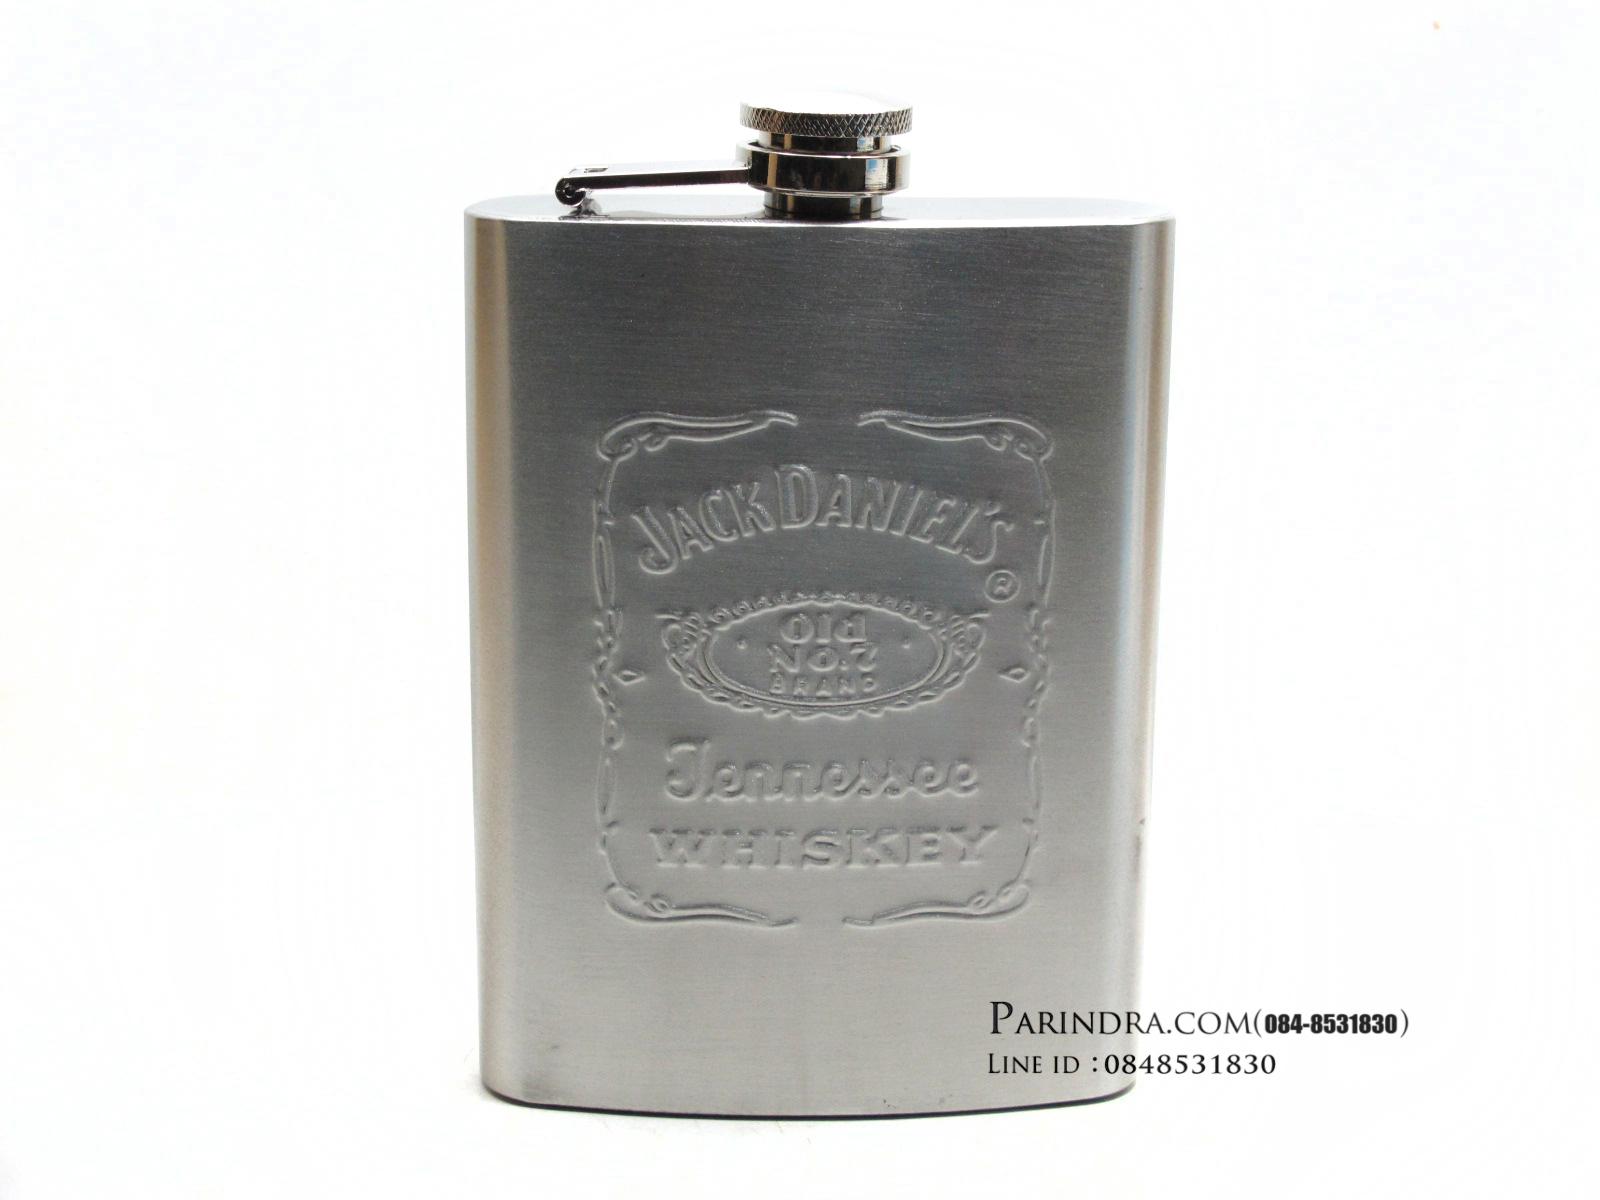 กระป่องสแตนเลส Jack Daniel's อย่างดี สำหรับพกพา บรรจุ 8 oz